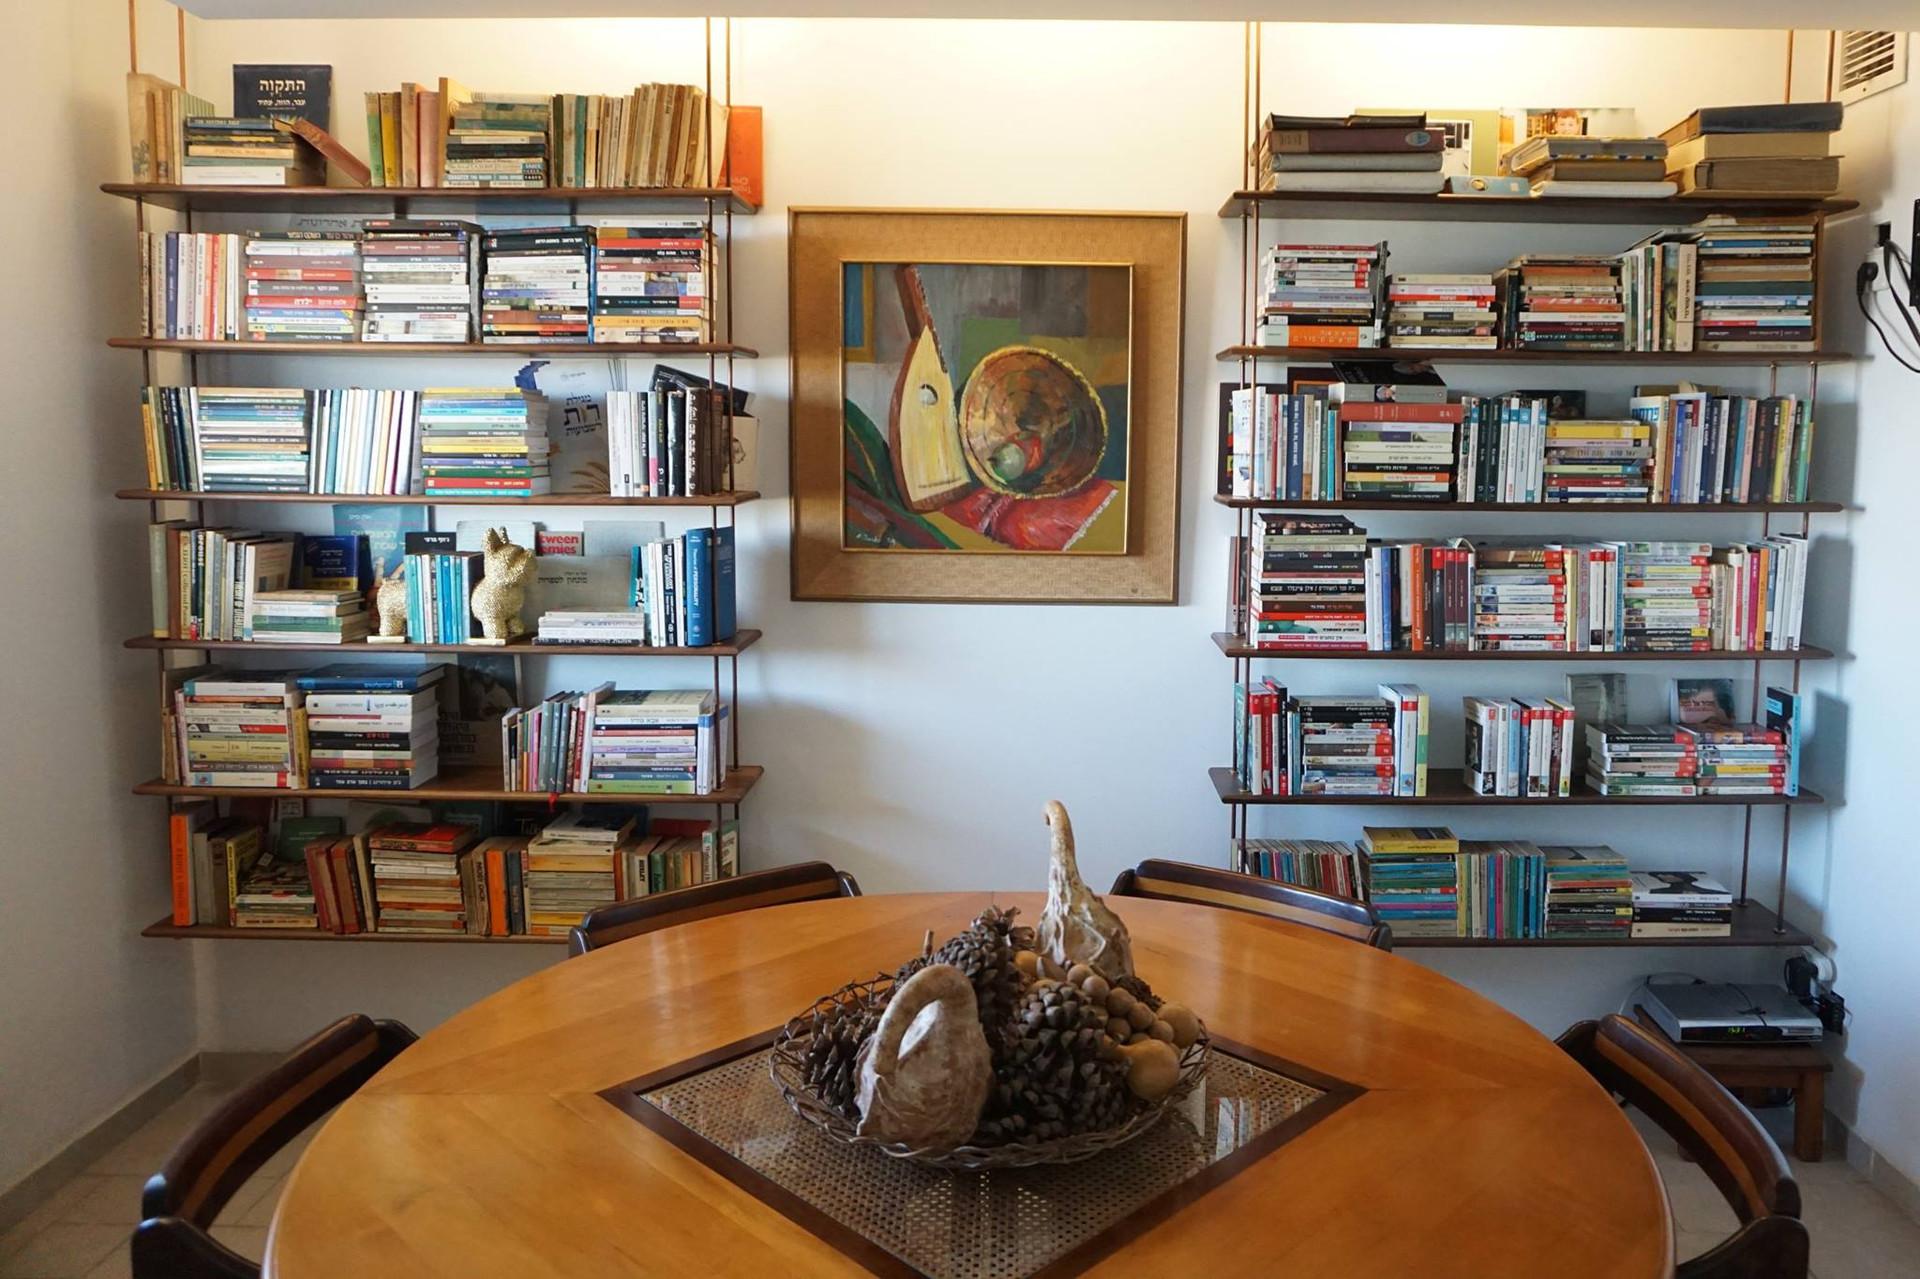 ספריות מעץ אגוז אמריקאי